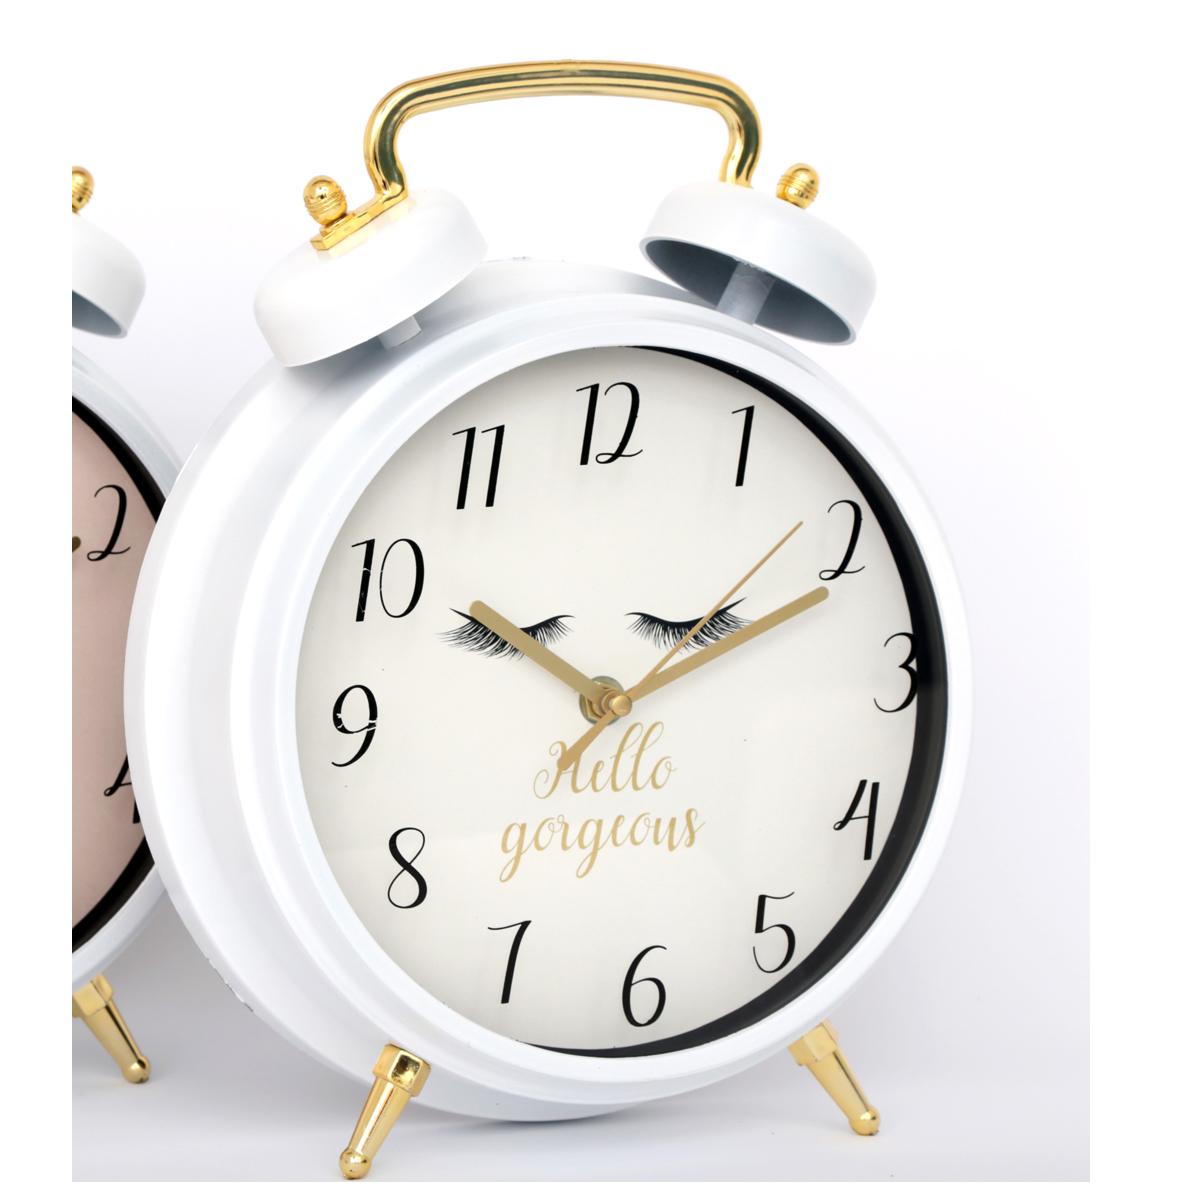 Réveil Cloche géant \'Diva - Yeux Endormis\' blanc (Hello gorgeous) -30x25x7 cm - [R0854]